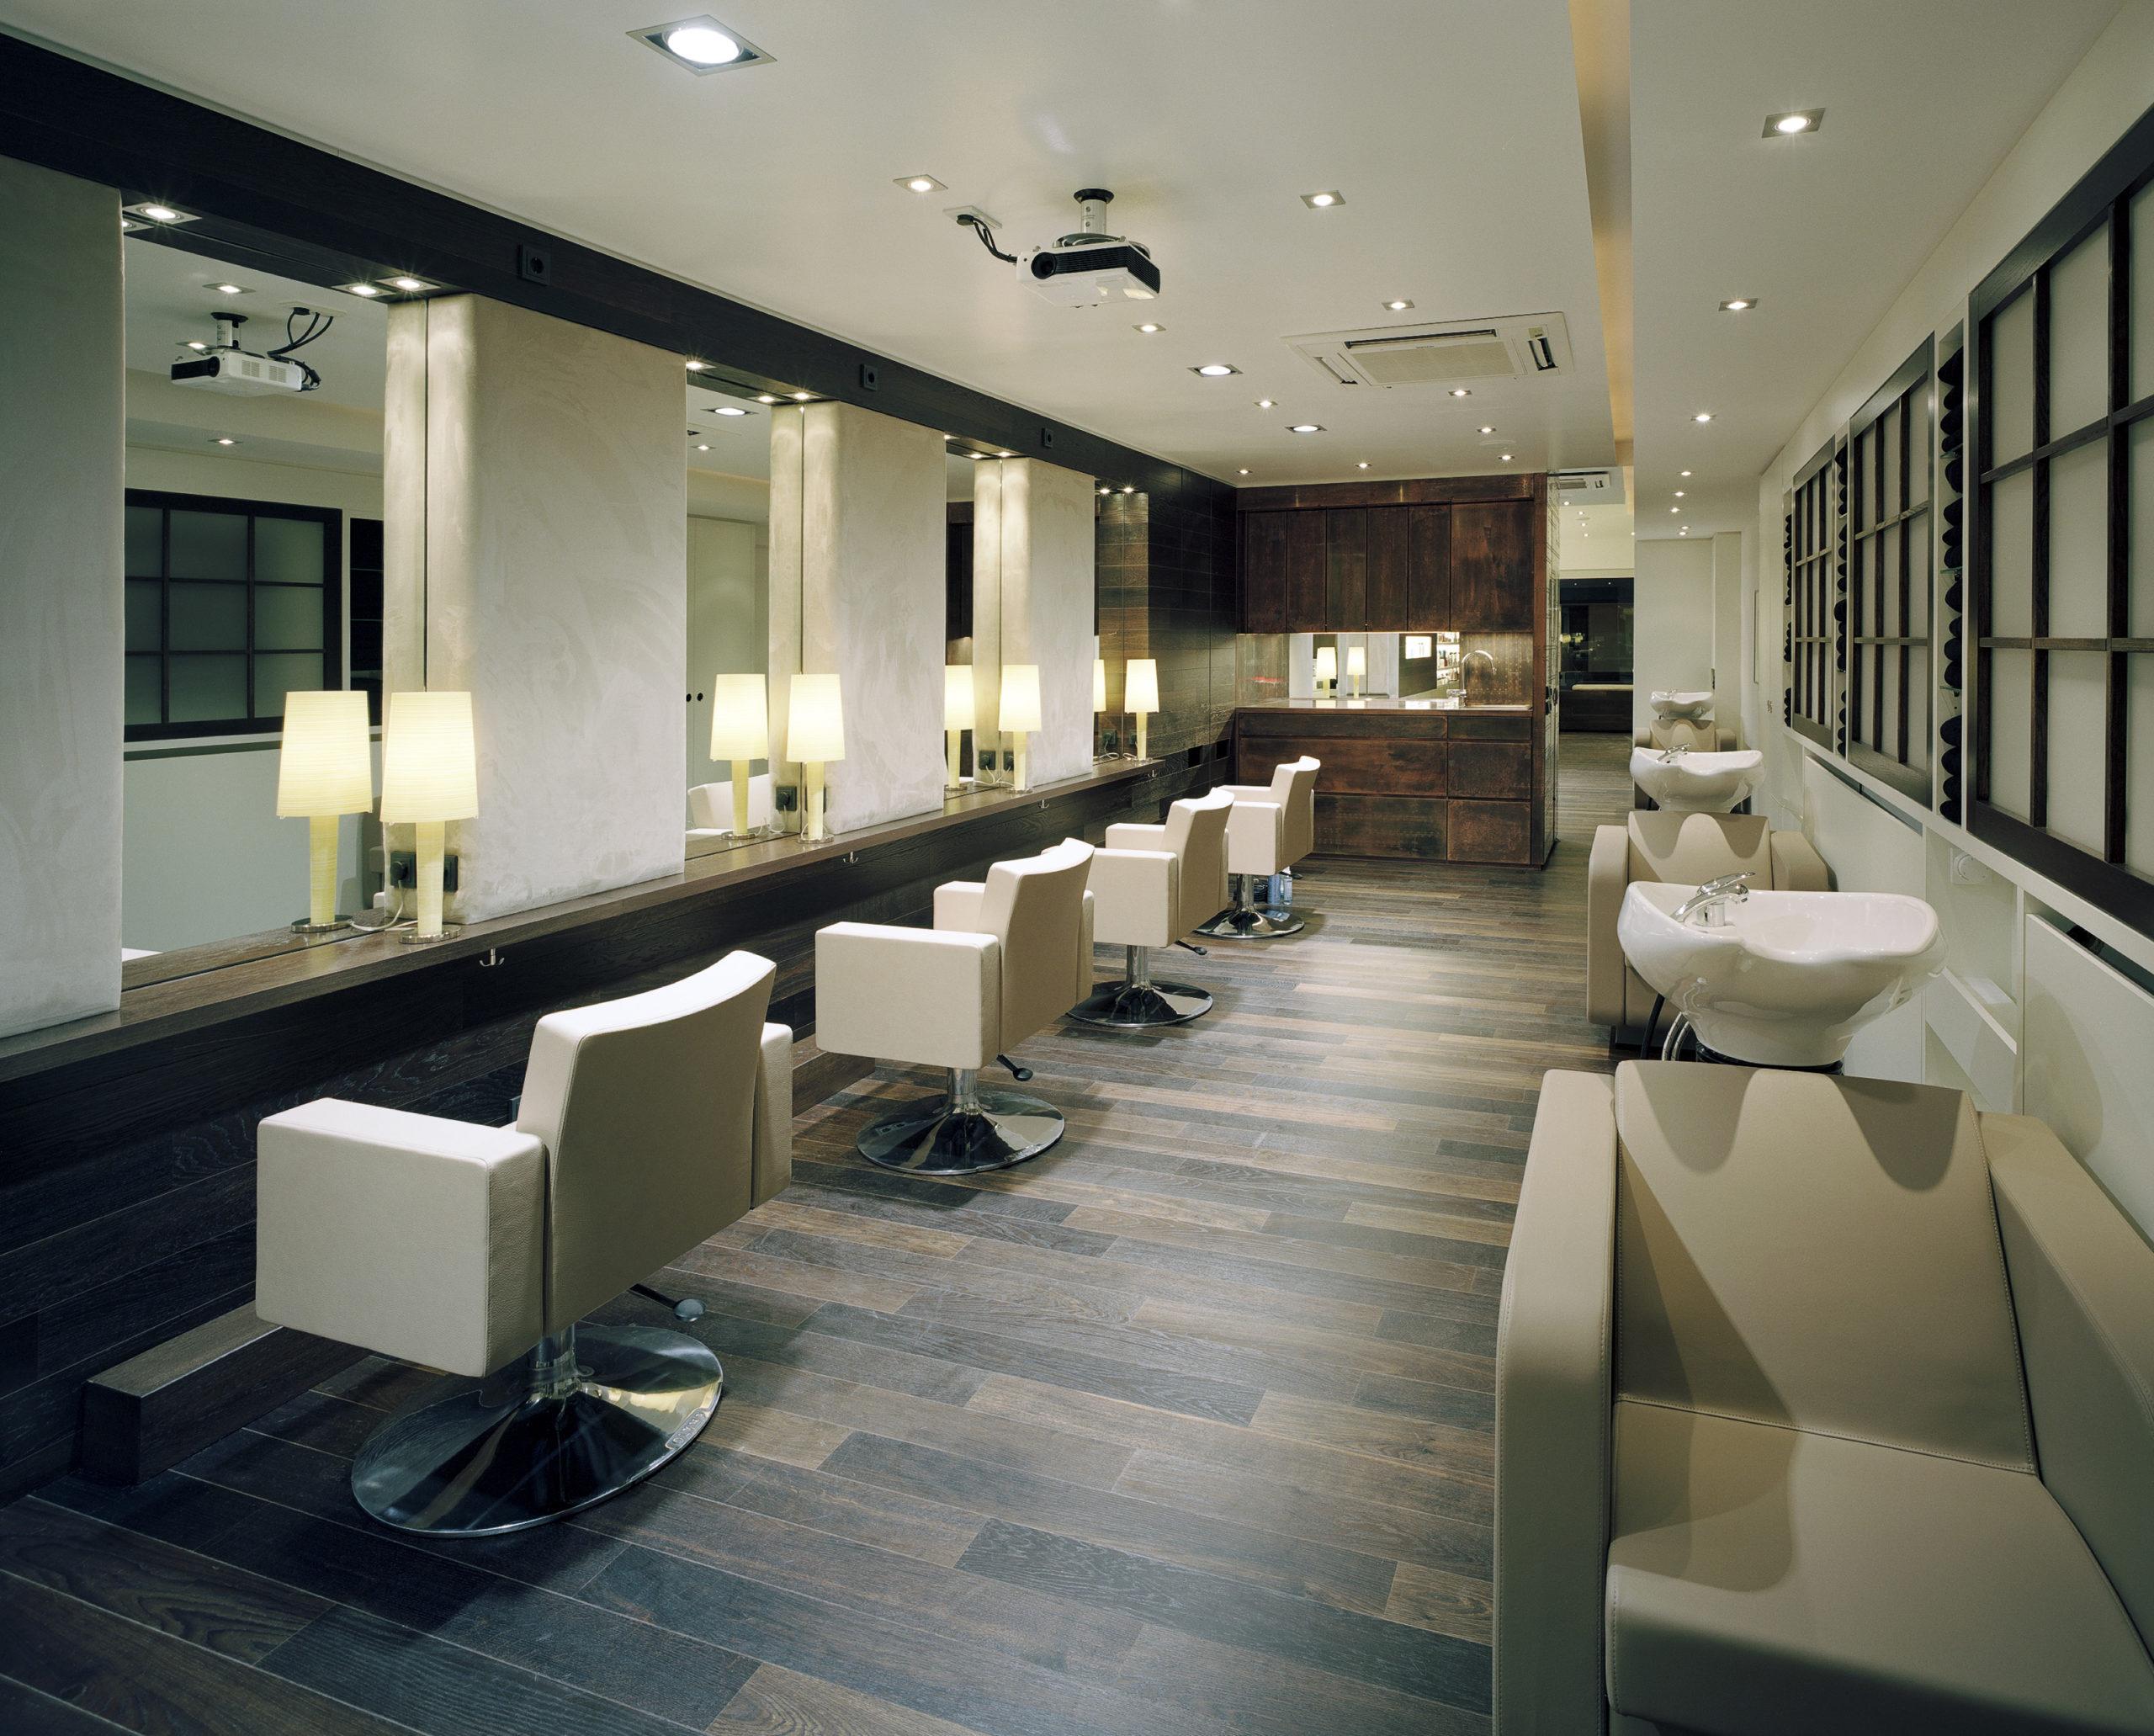 Herzlich willkommen - ein ruhiger Salon, mitten in Frankfurts Innenstadt